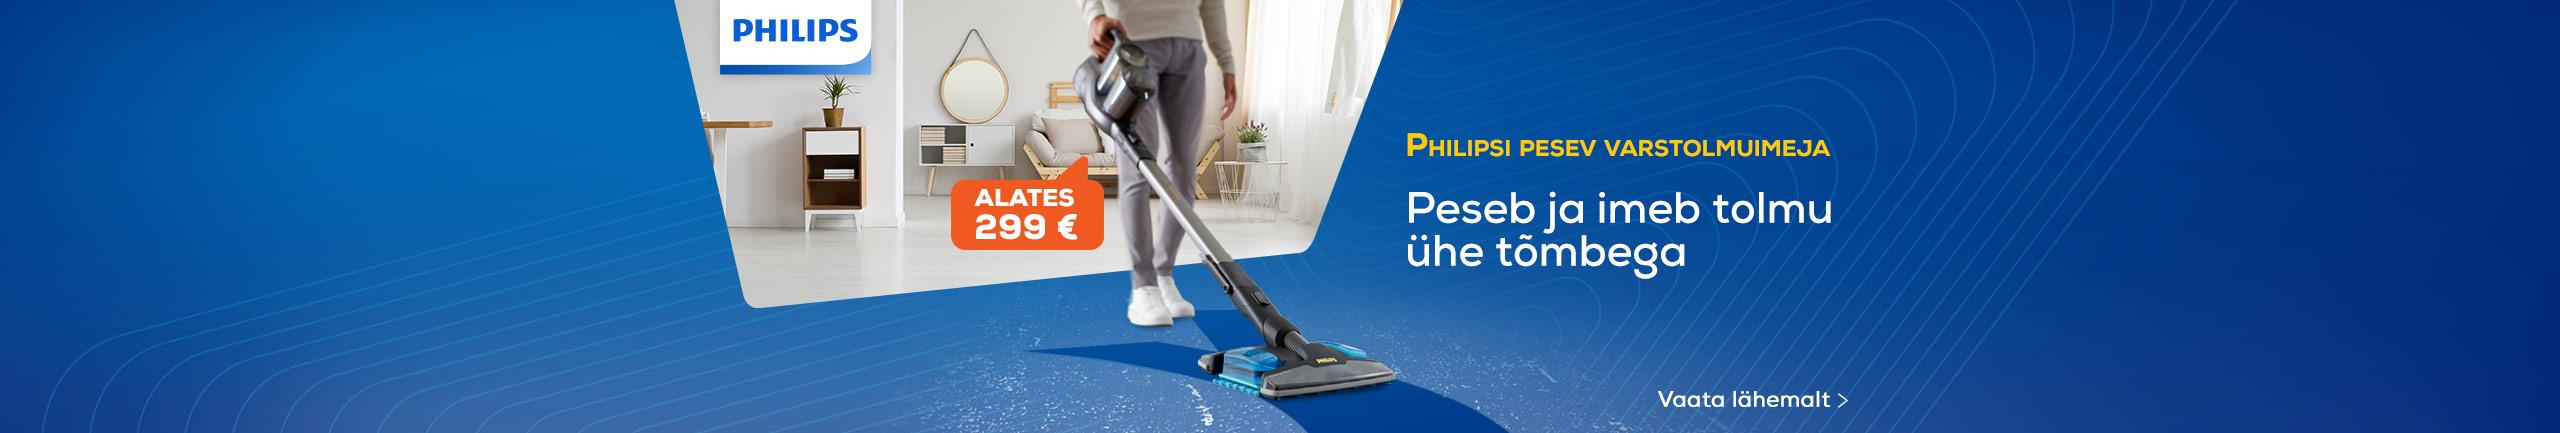 Philipsi pesev varstolmuimeja